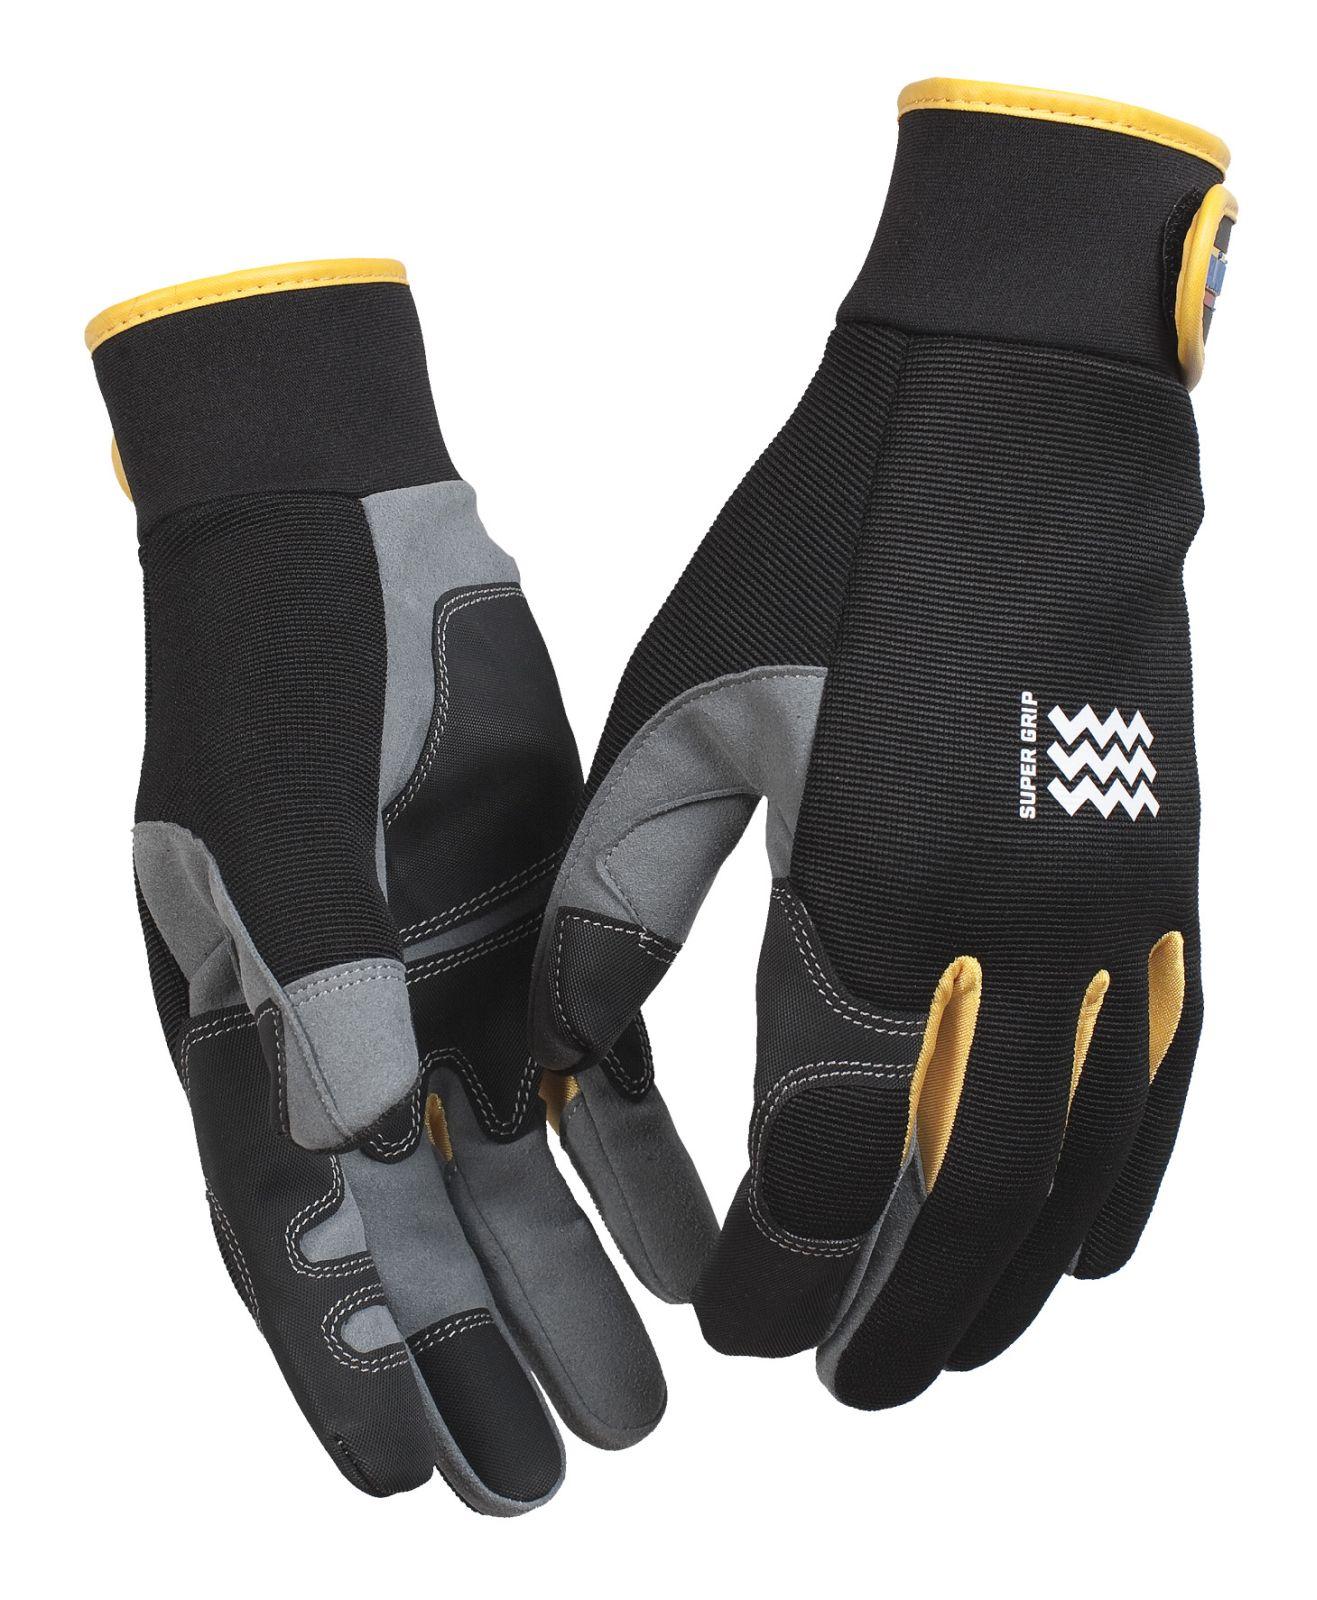 Blaklader Handschoenen 22443941 zwart-grijs(9994)